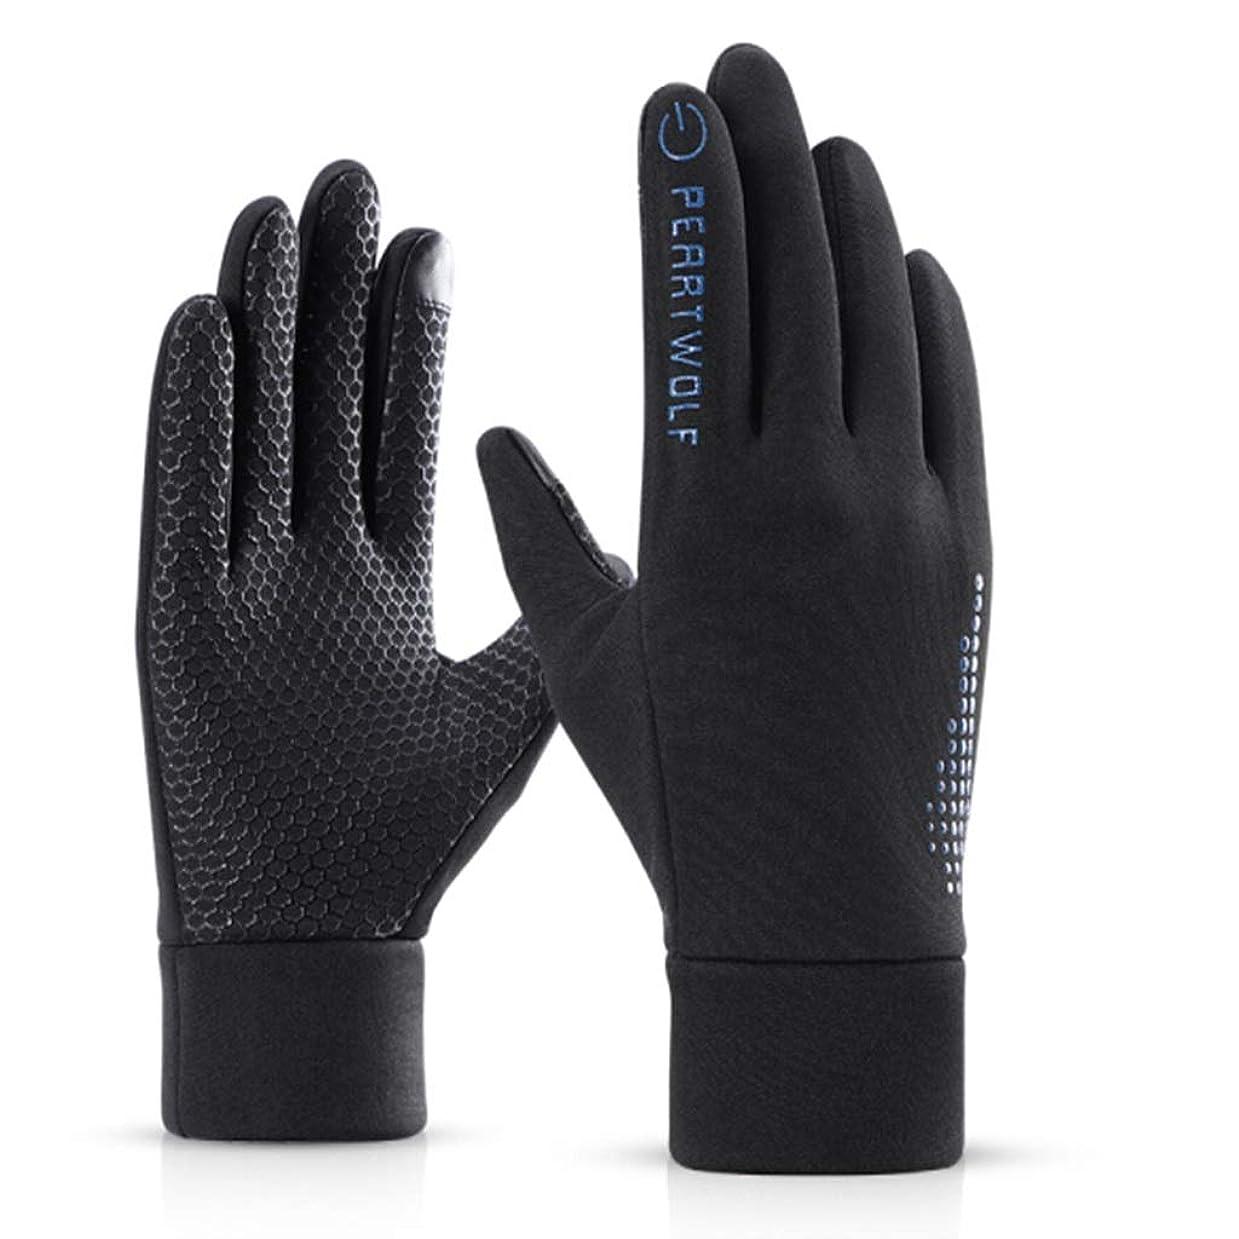 航海の反発する不条理手袋男性の冬のライディングプラスベルベット暖かい防風冷たい韓国人の学生のタッチスクリーンスポーツメンズ手袋